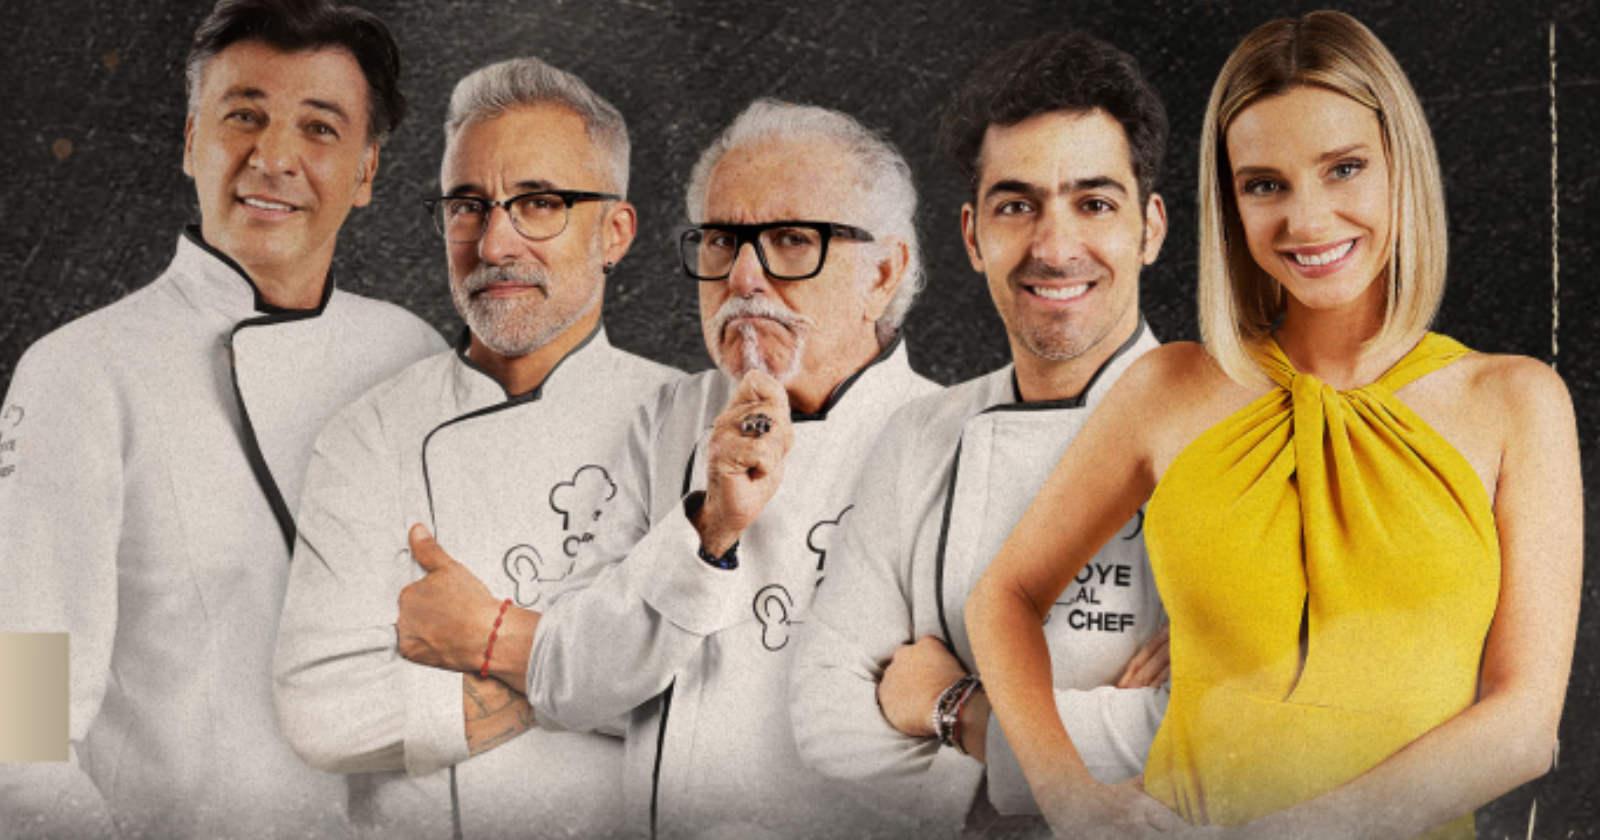 Conoce a los dos famosos que participarán en el debut de Oye al Chef